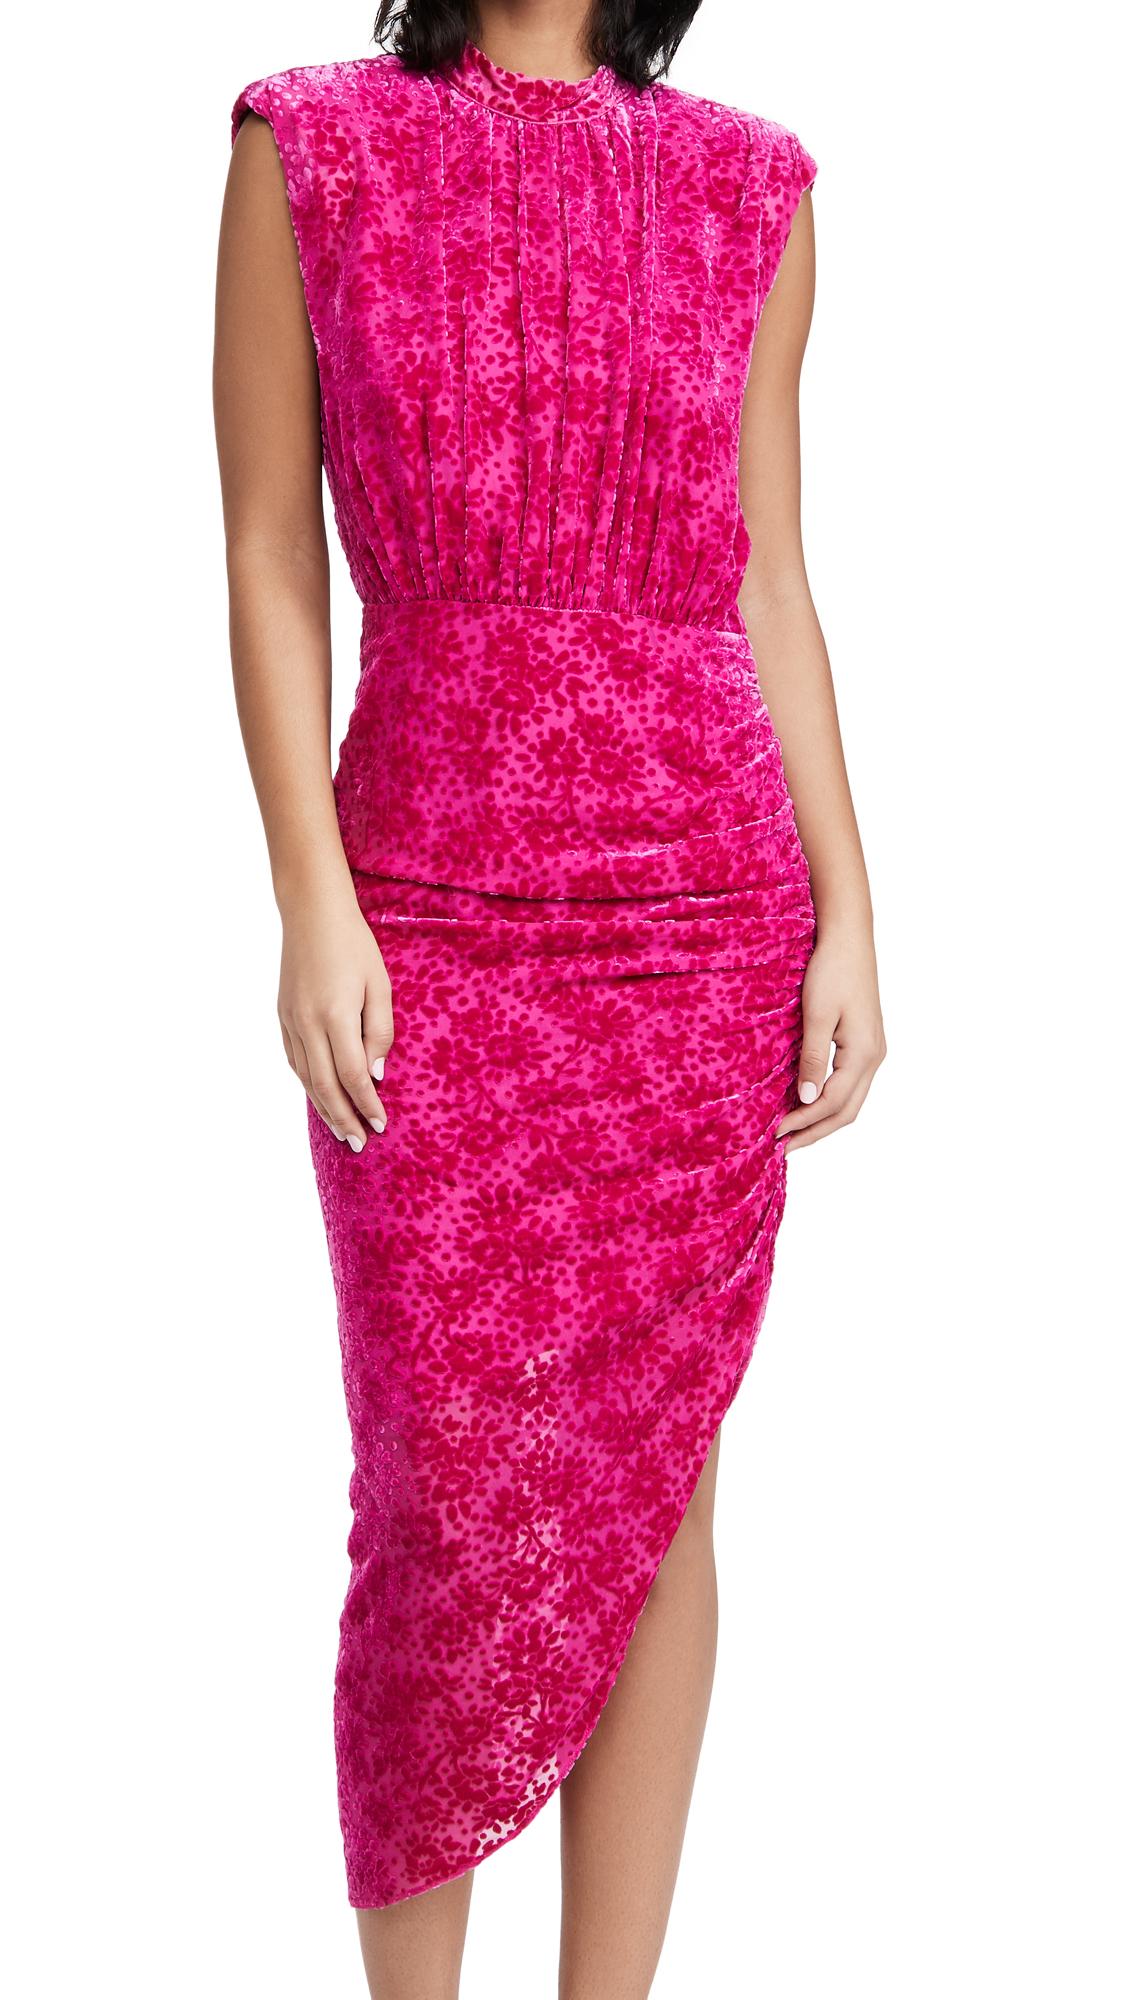 Veronica Beard Kendall Dress